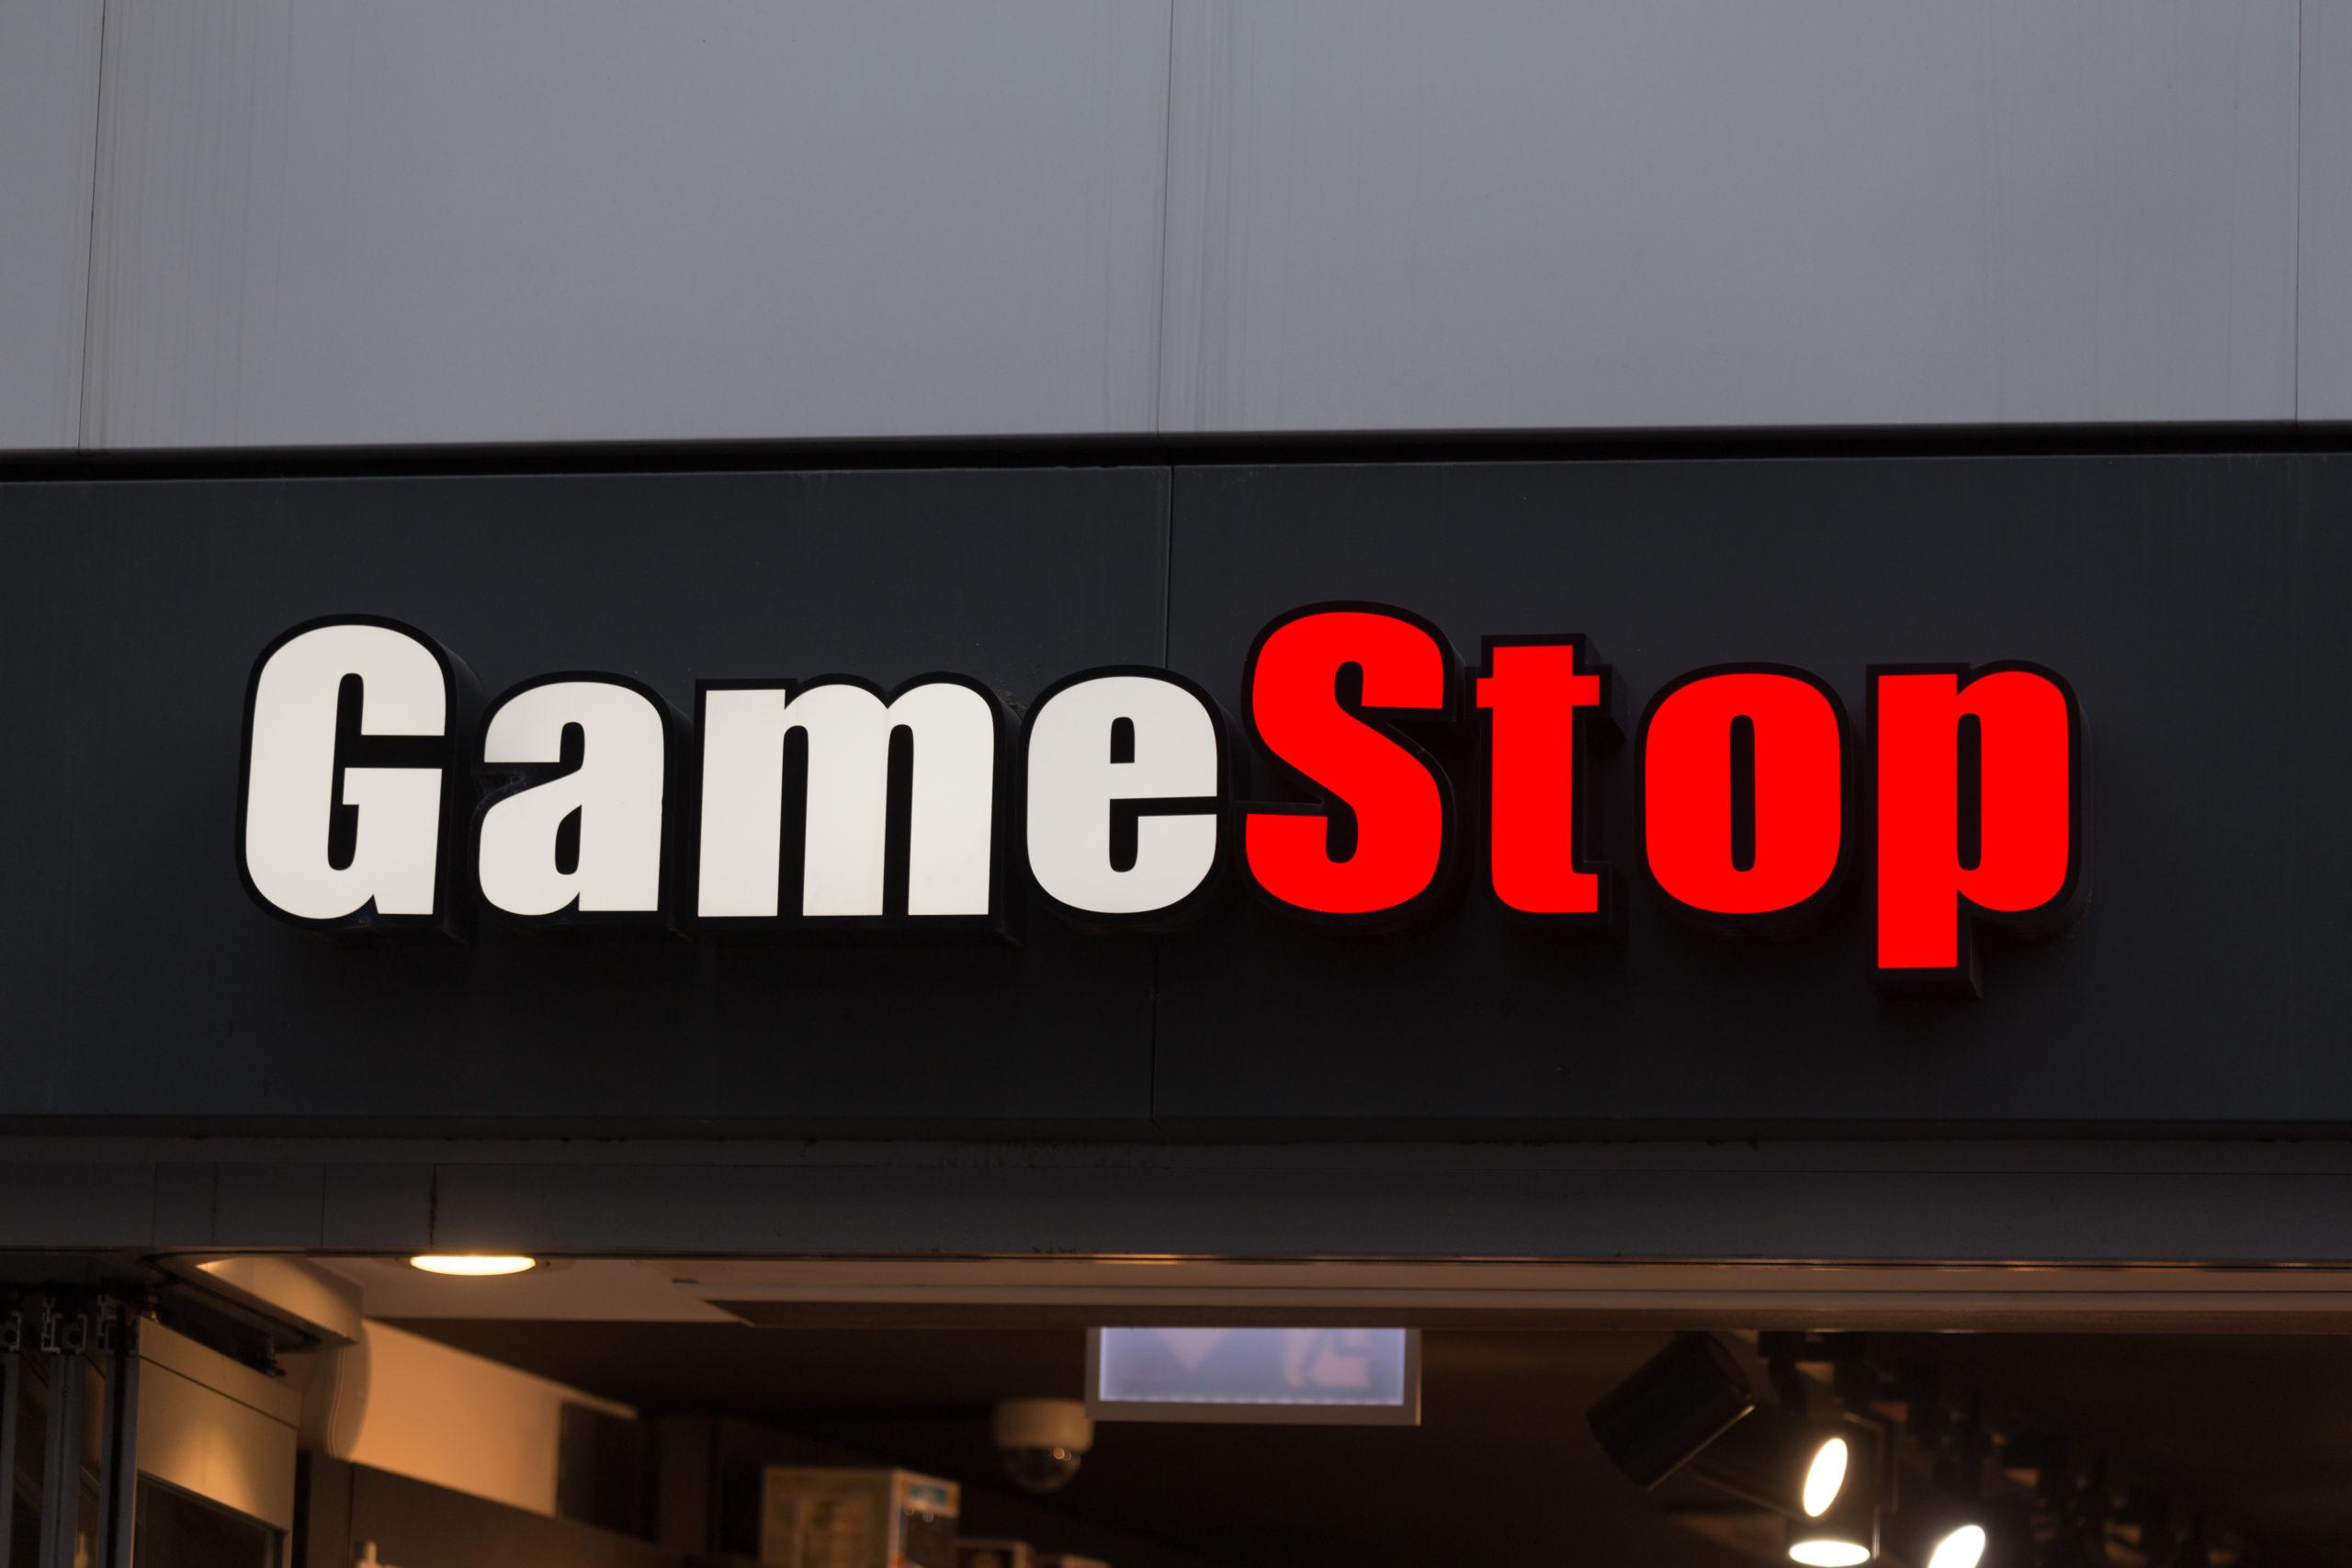 GameStop ufficializza la sua mossa NFT e probabilmente utilizzerà Ethereum